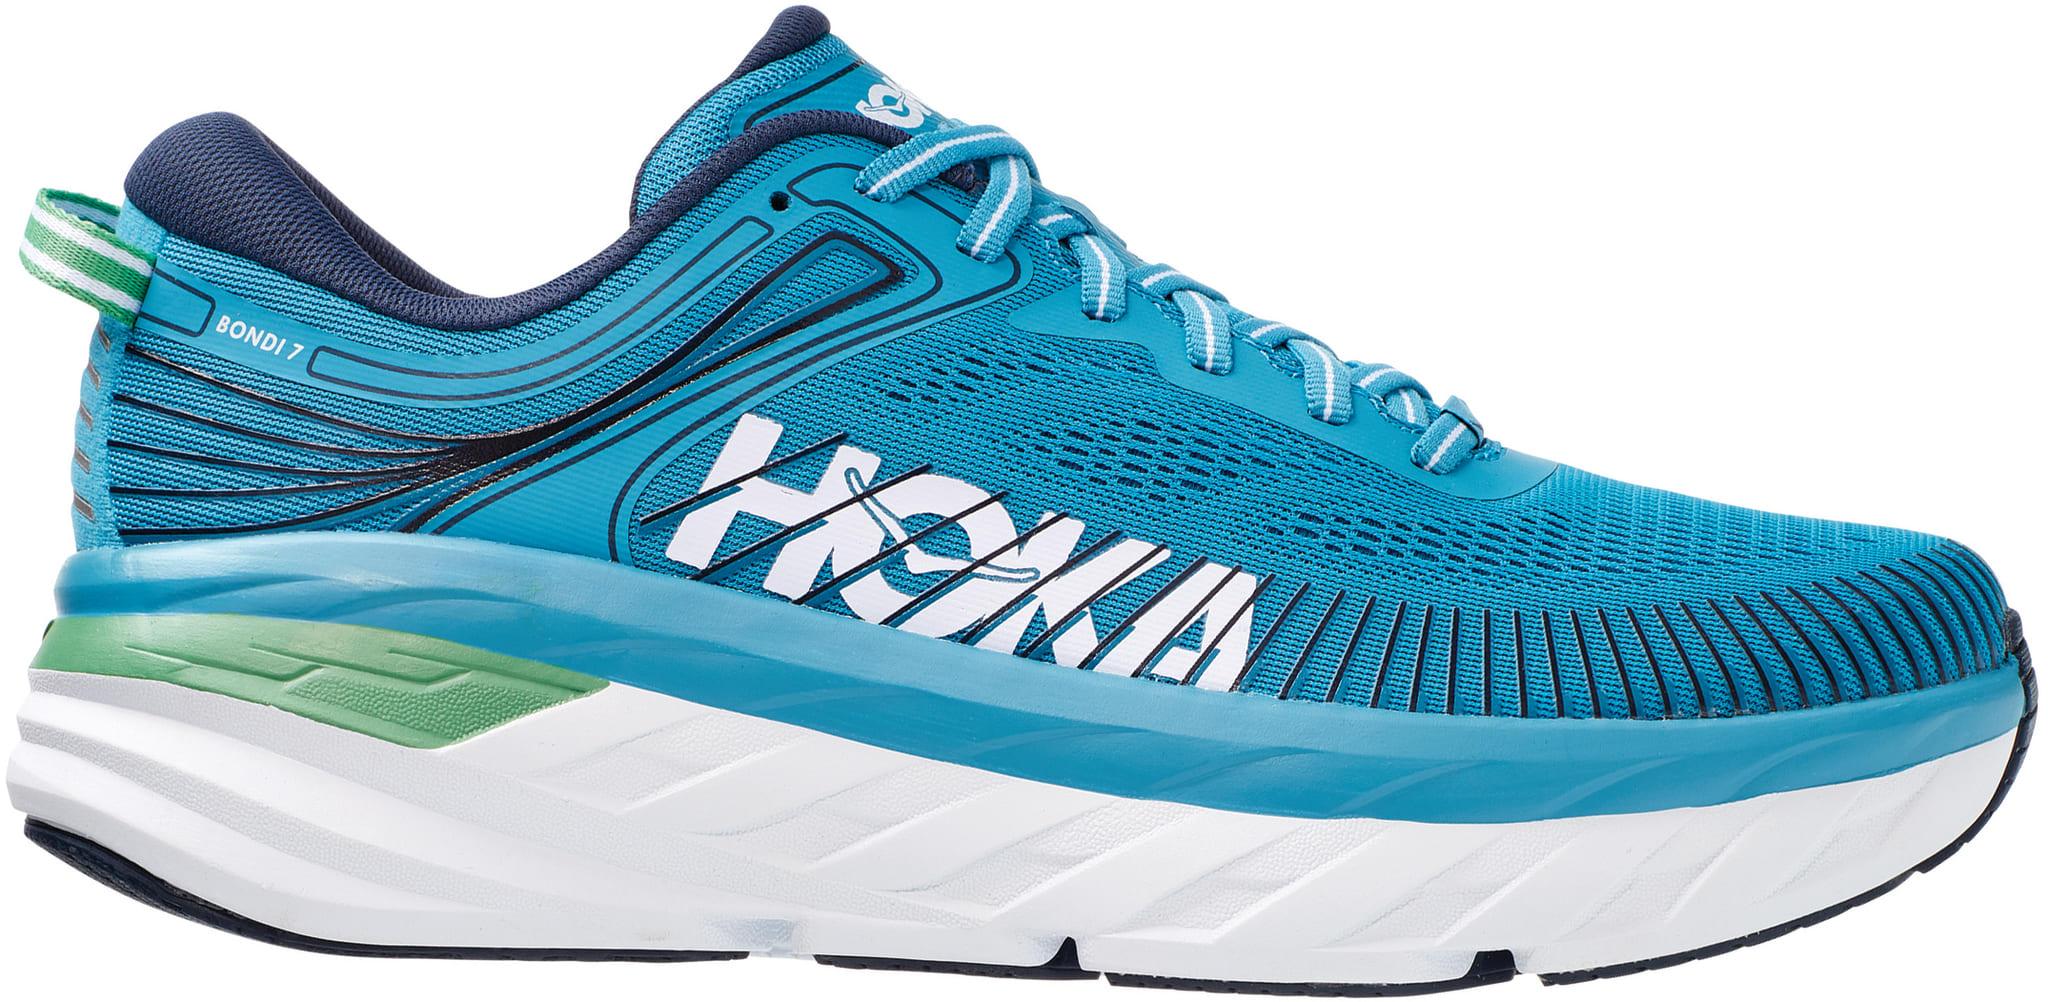 For løpere som vil ha maksimal støtdemping